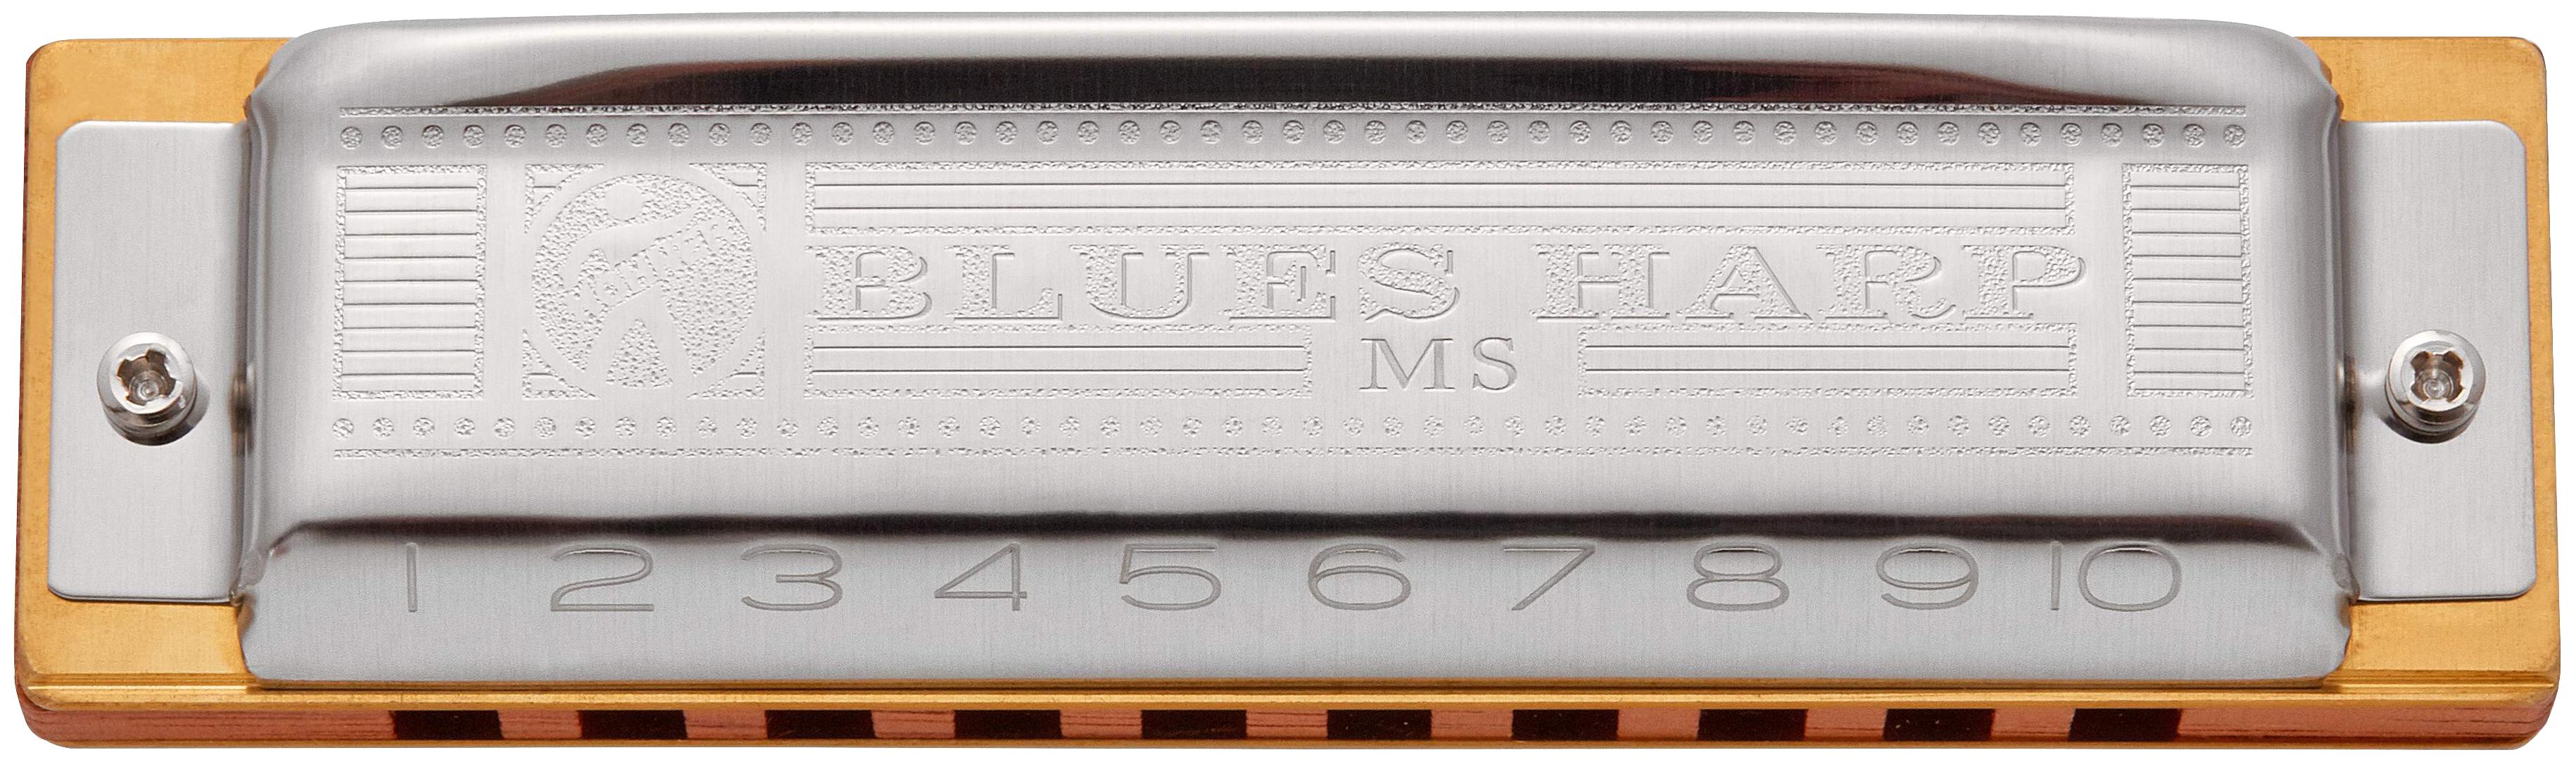 Губная гармоника диатоническая HOHNER Blues Harp 532/20 MS Db